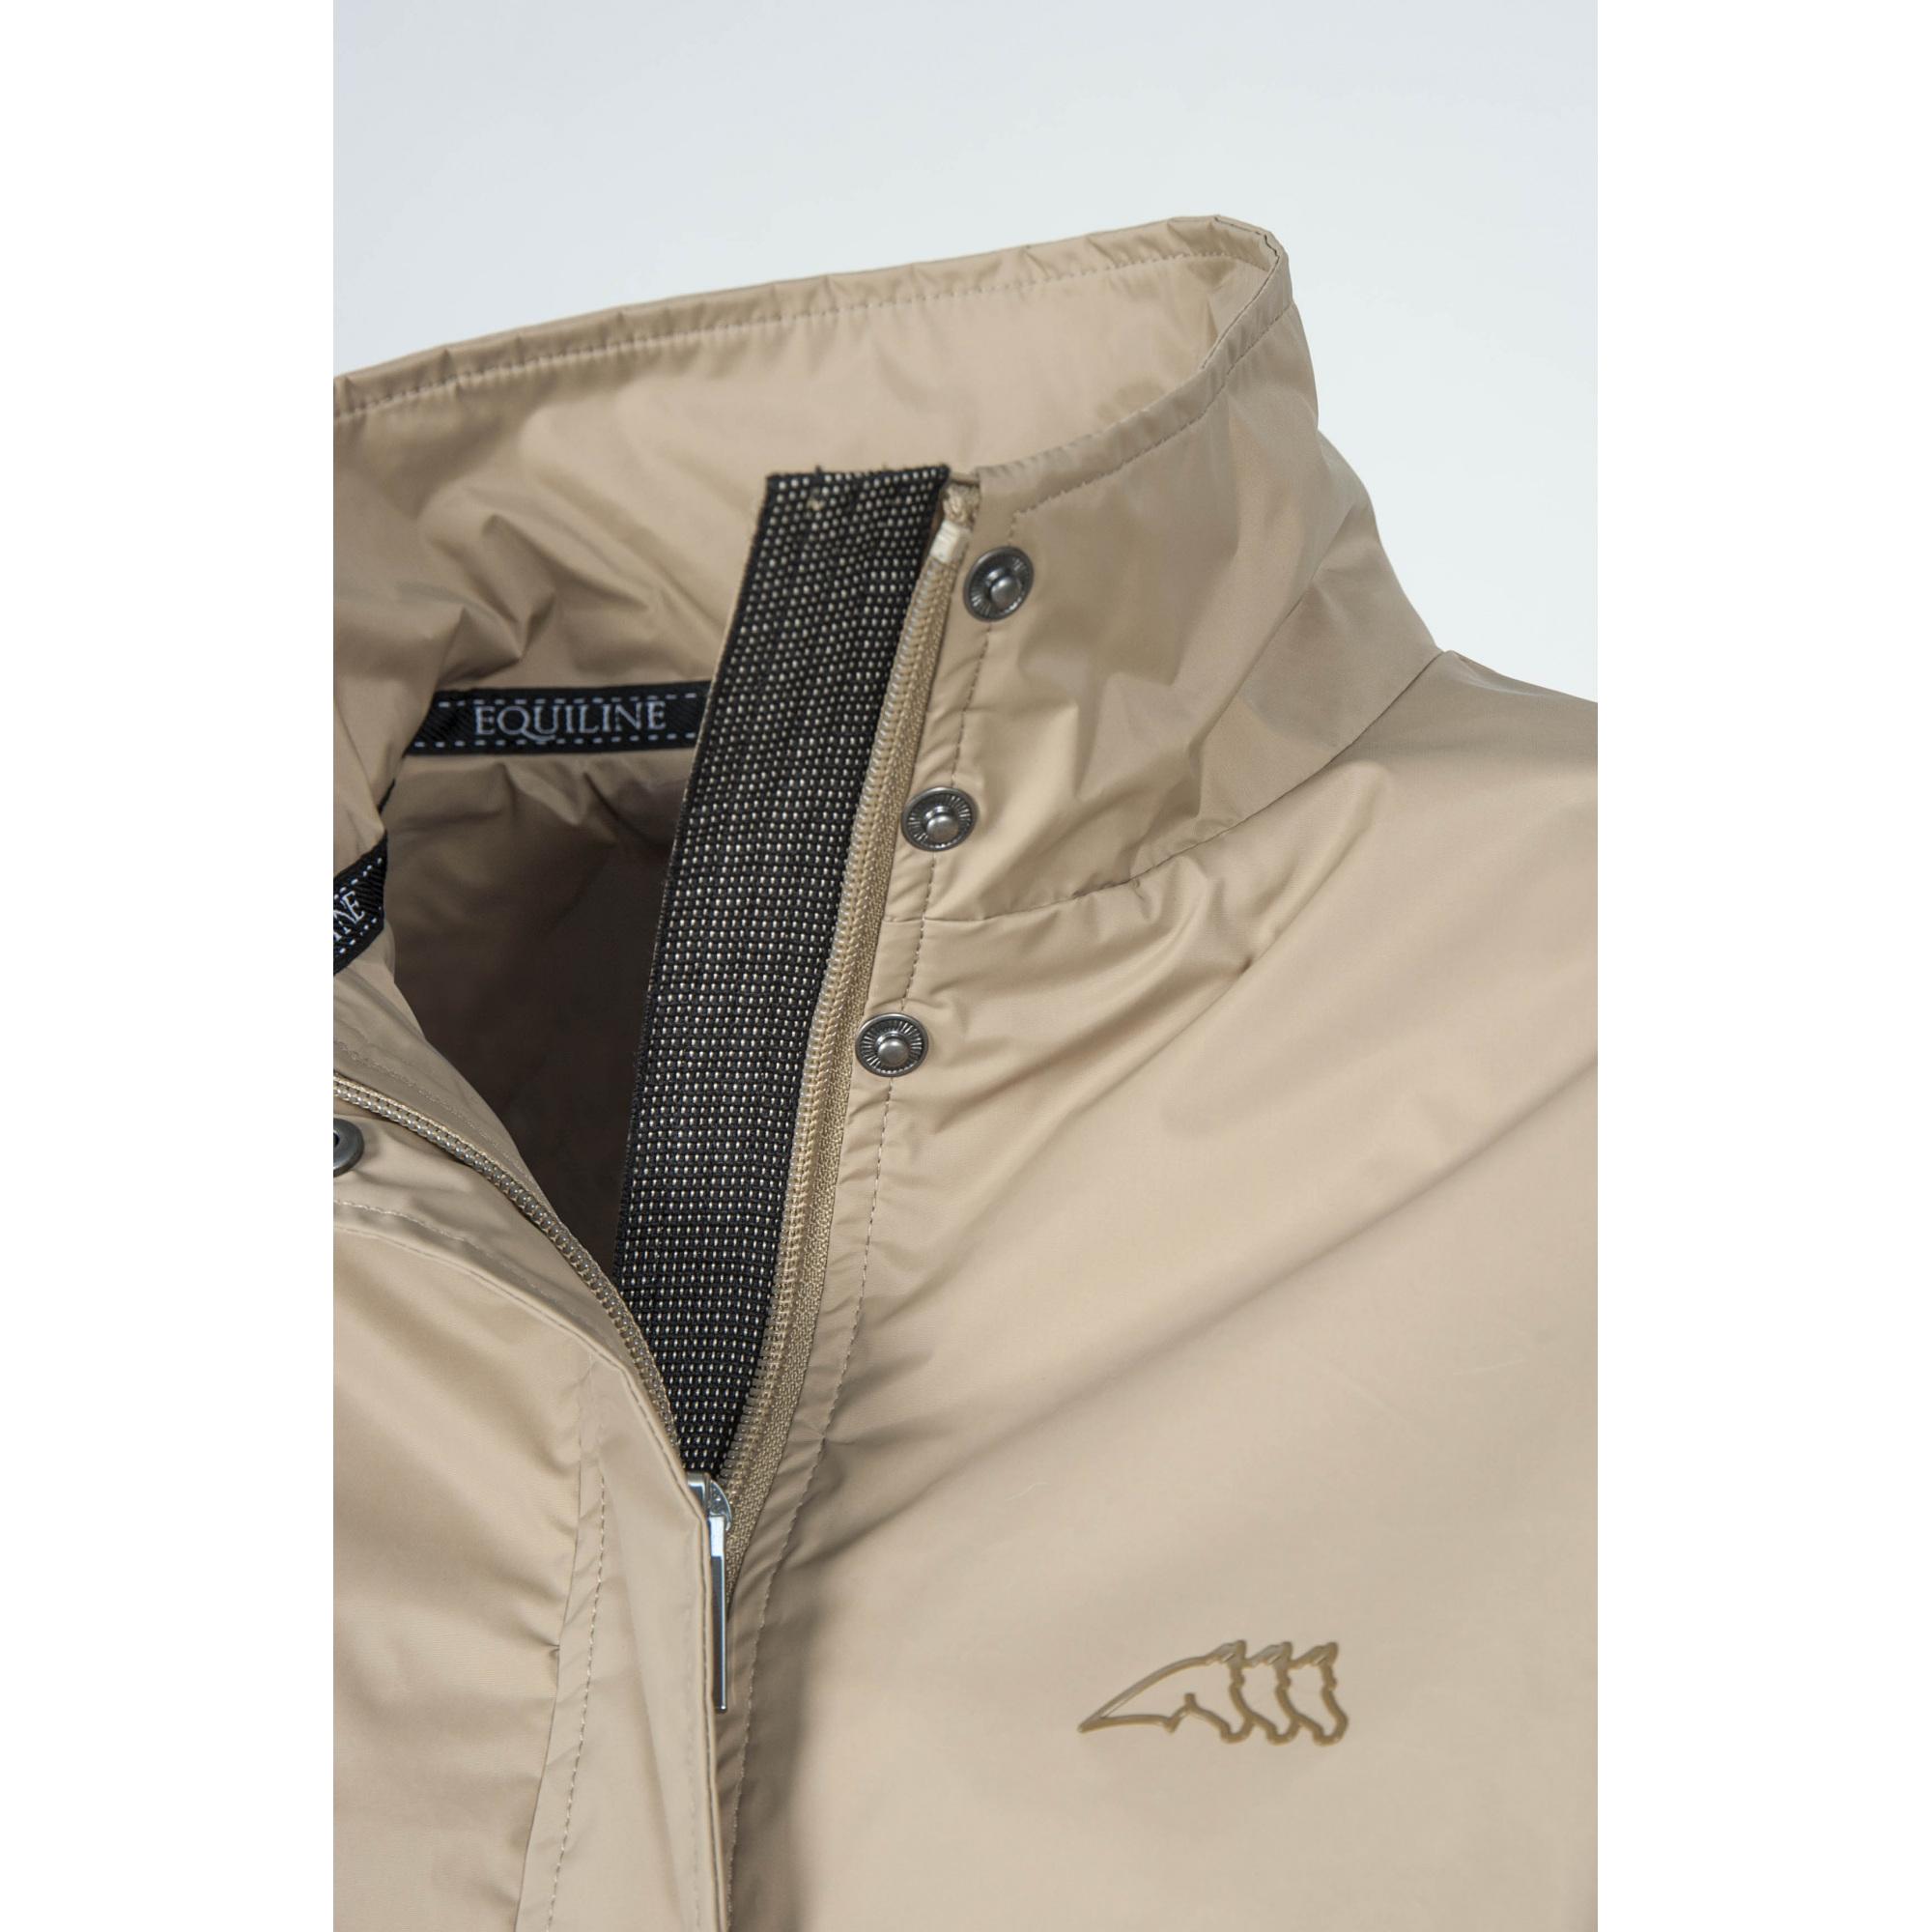 Equiline Jasper Women S Windprof Jacket Equishop